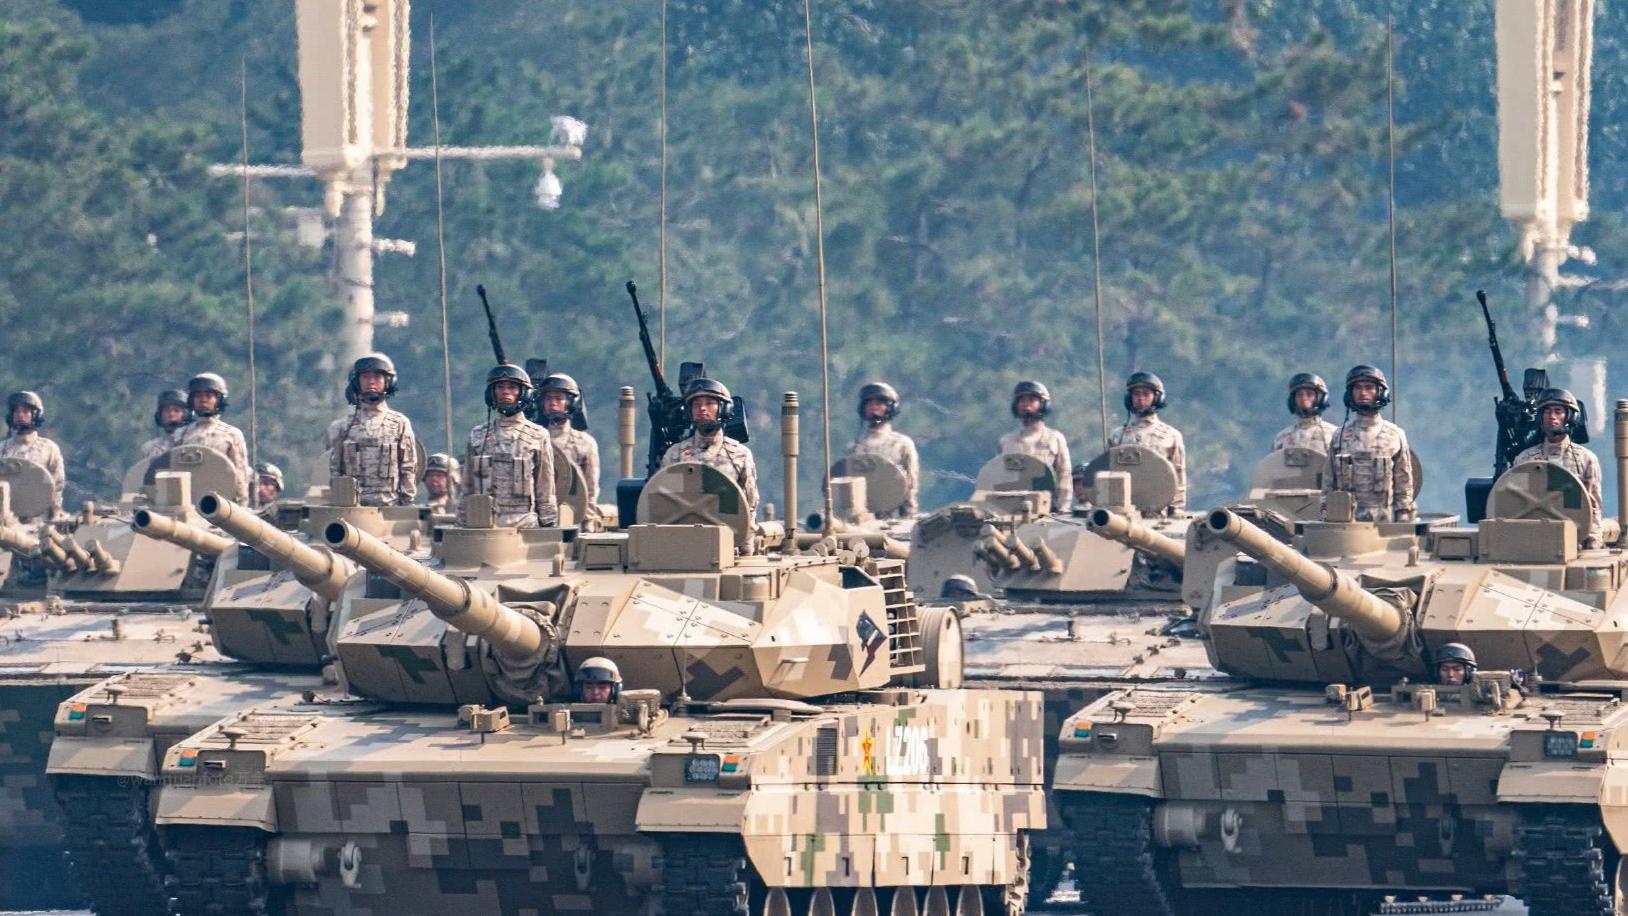 挺进高原,15轻坦首次列装新疆军区,或将直面印度坦克